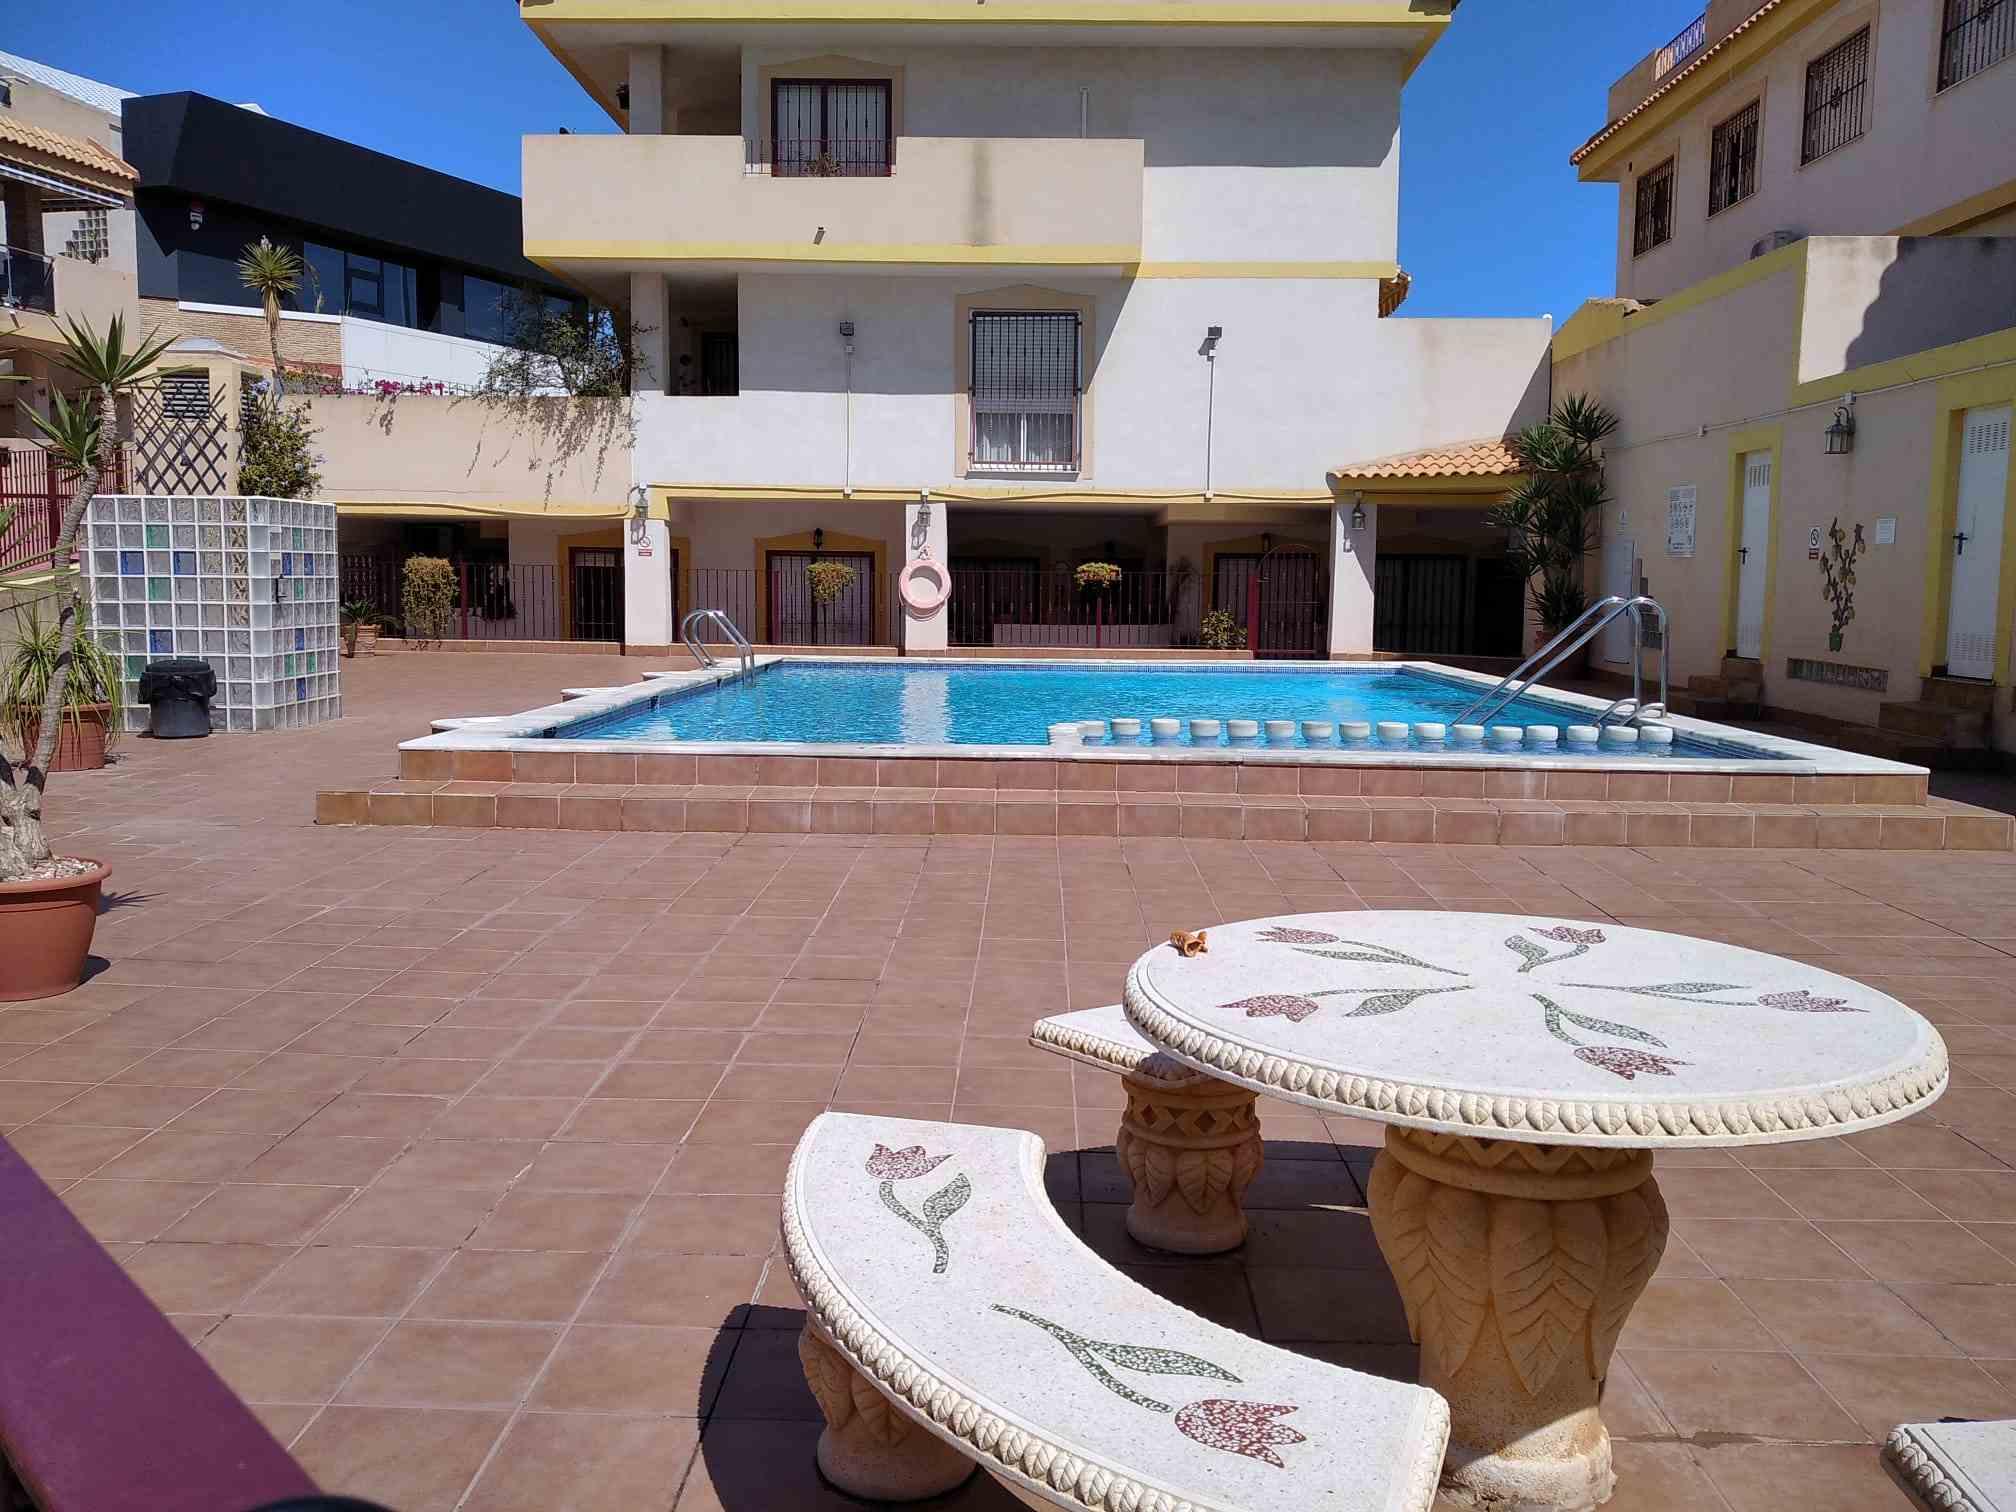 2 bedroom apartment / flat for sale in La Zenia, Costa Blanca